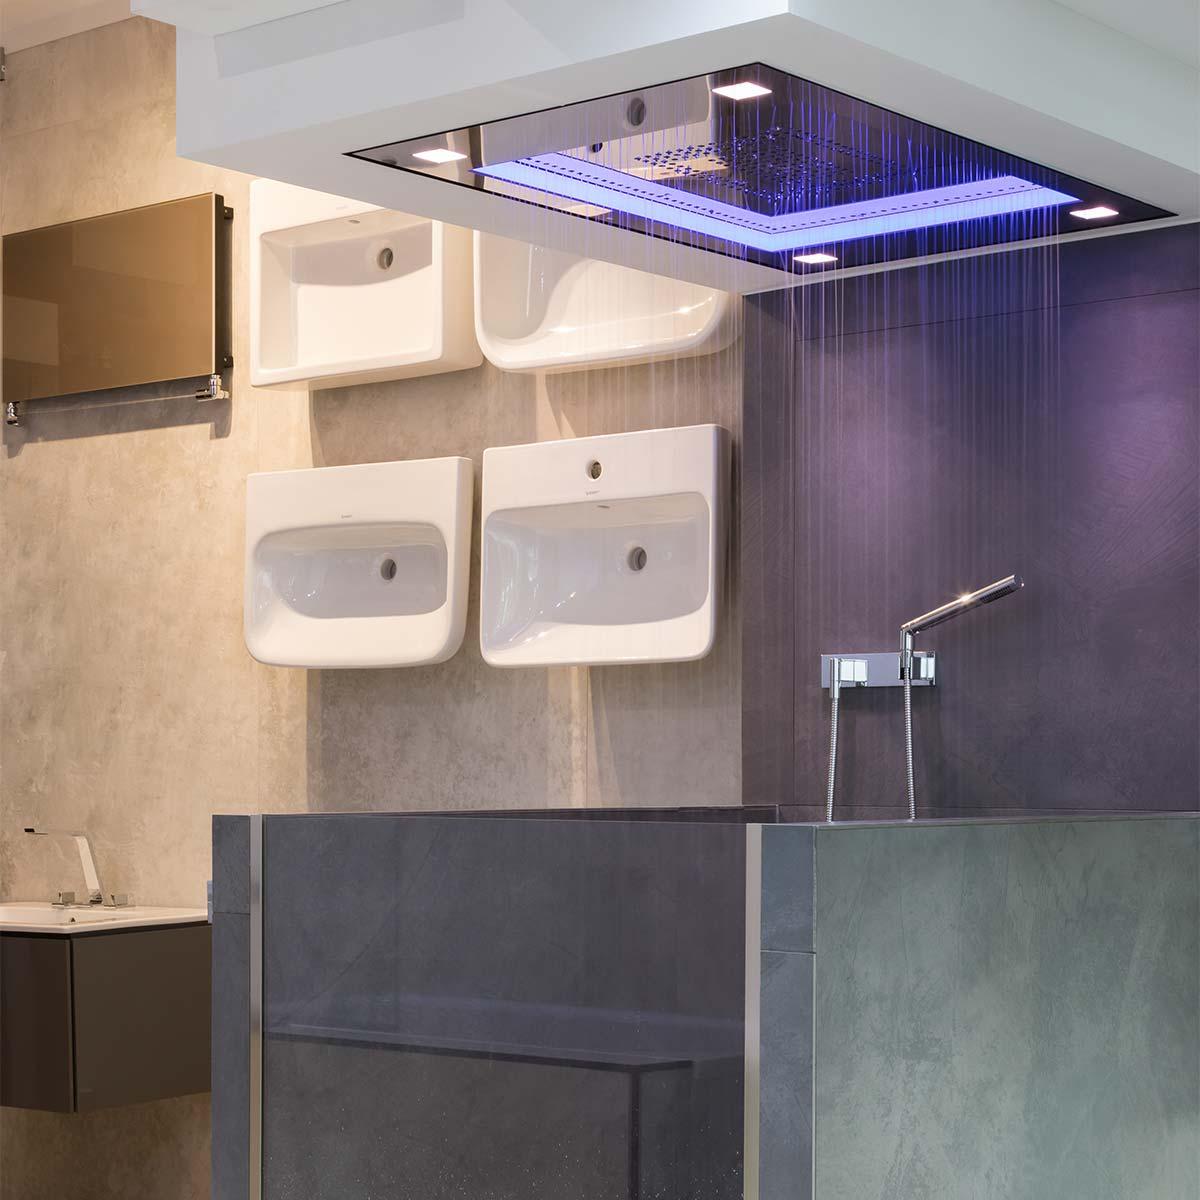 Ocean Bathrooms London showroom